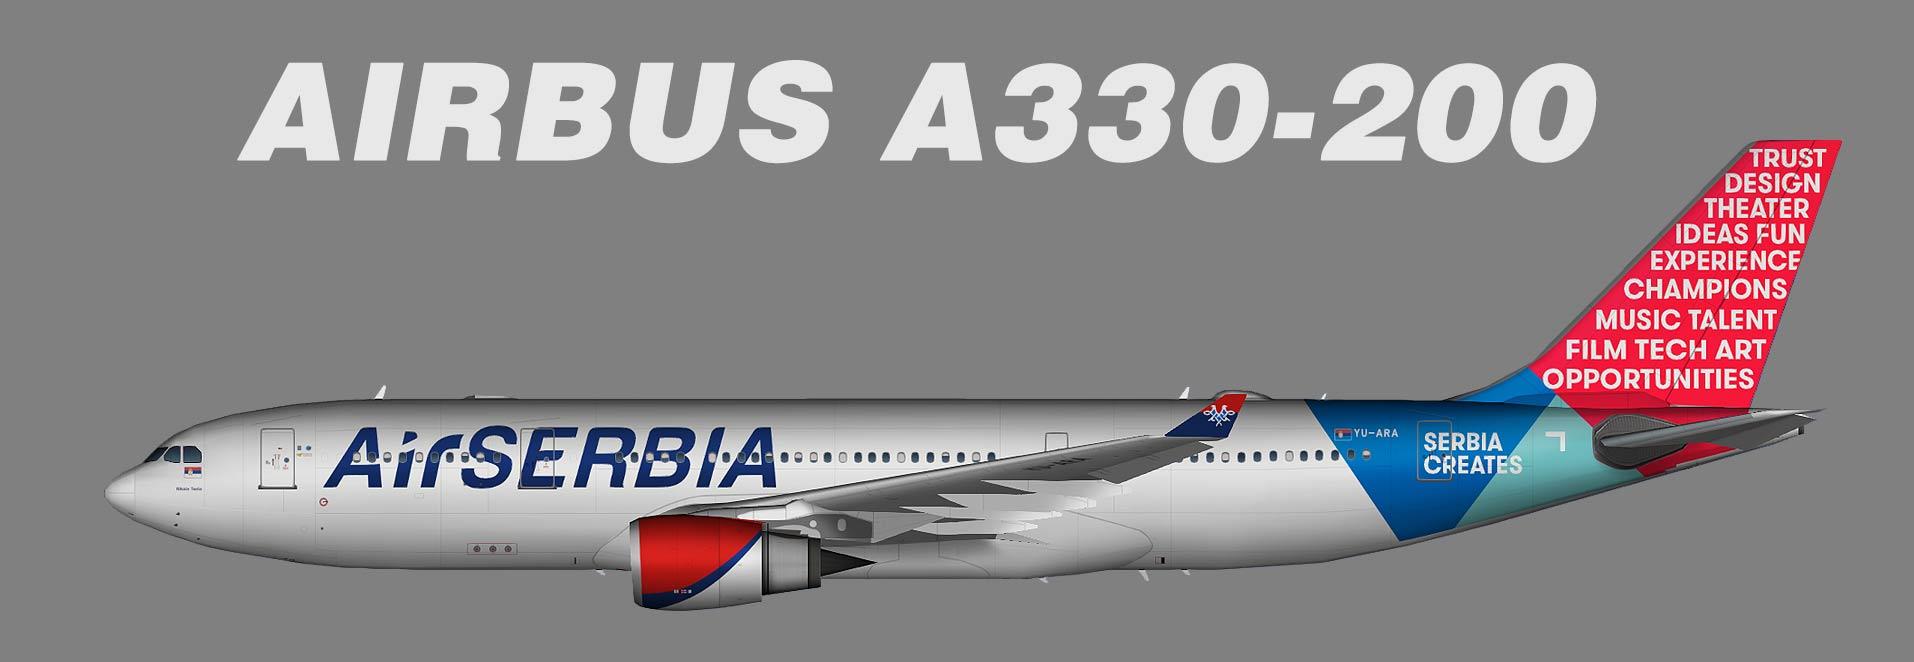 Air Serbia Airbus A330-200